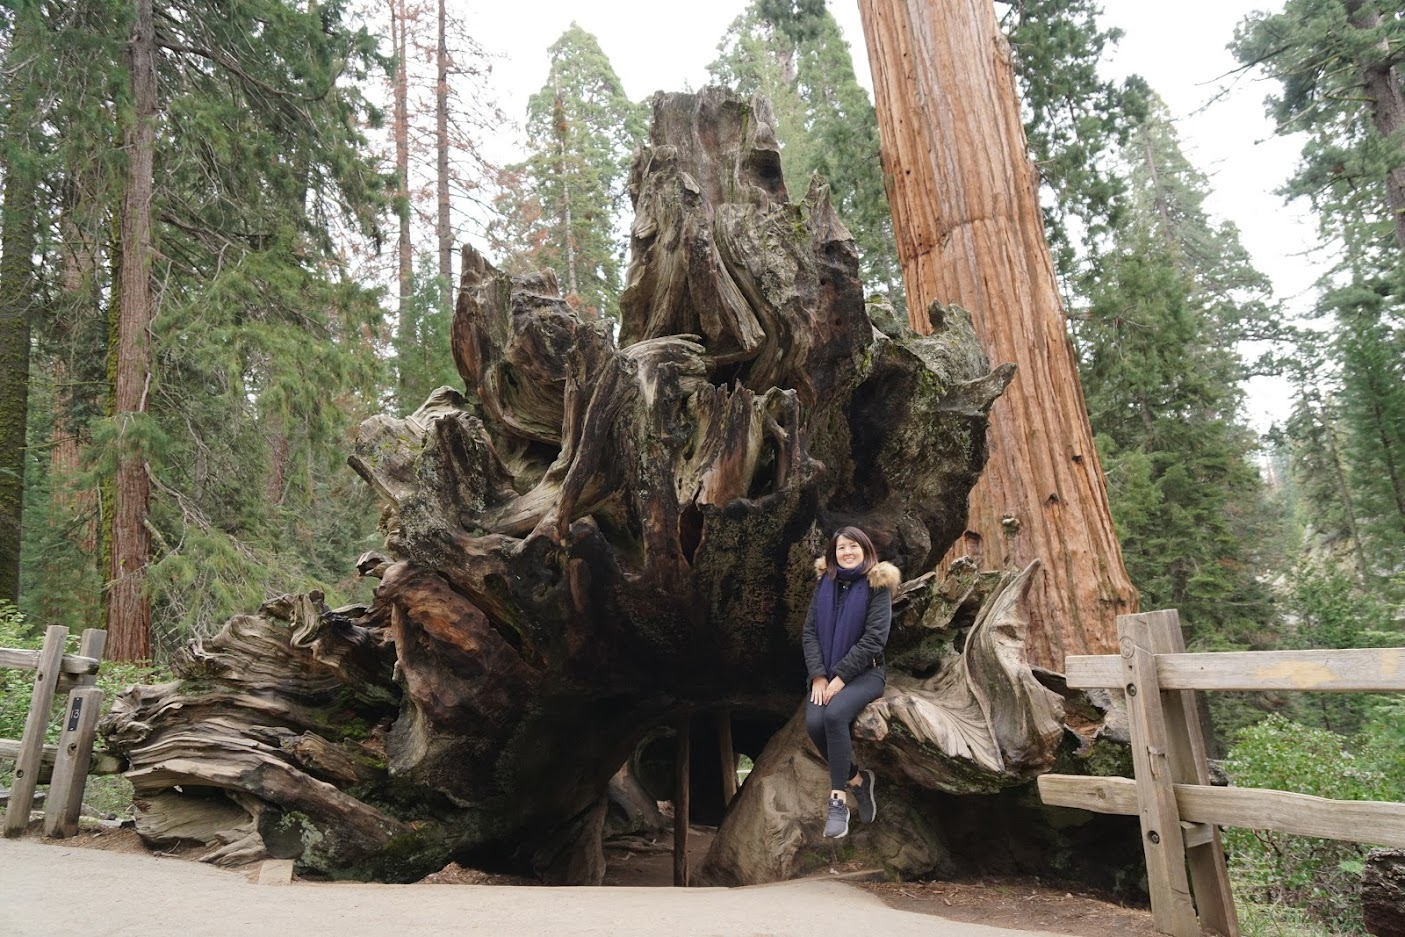 Dead Sequoia Tree